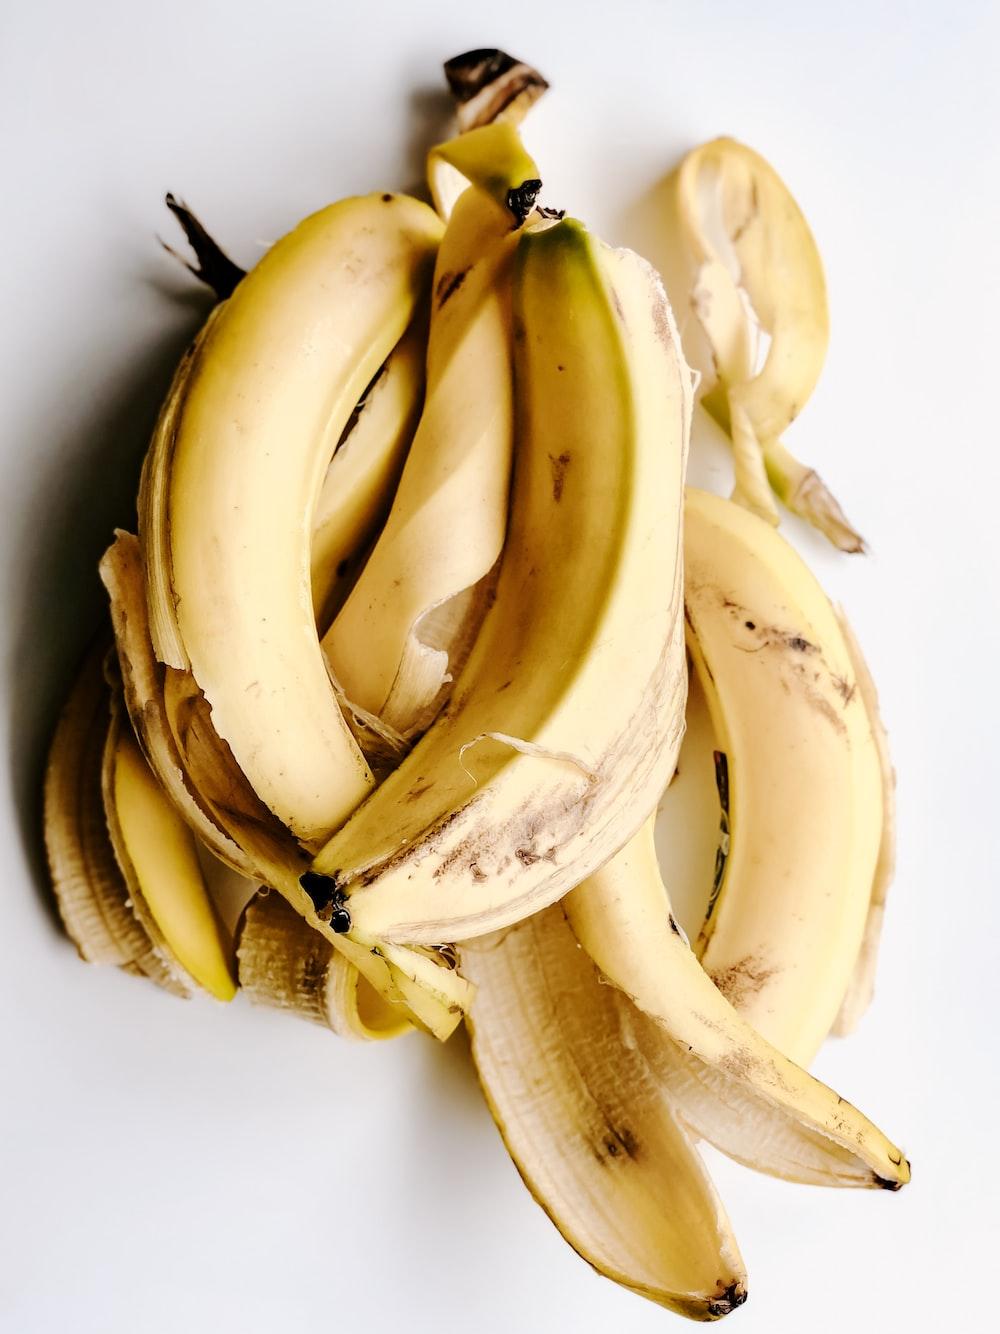 yellow banana peels